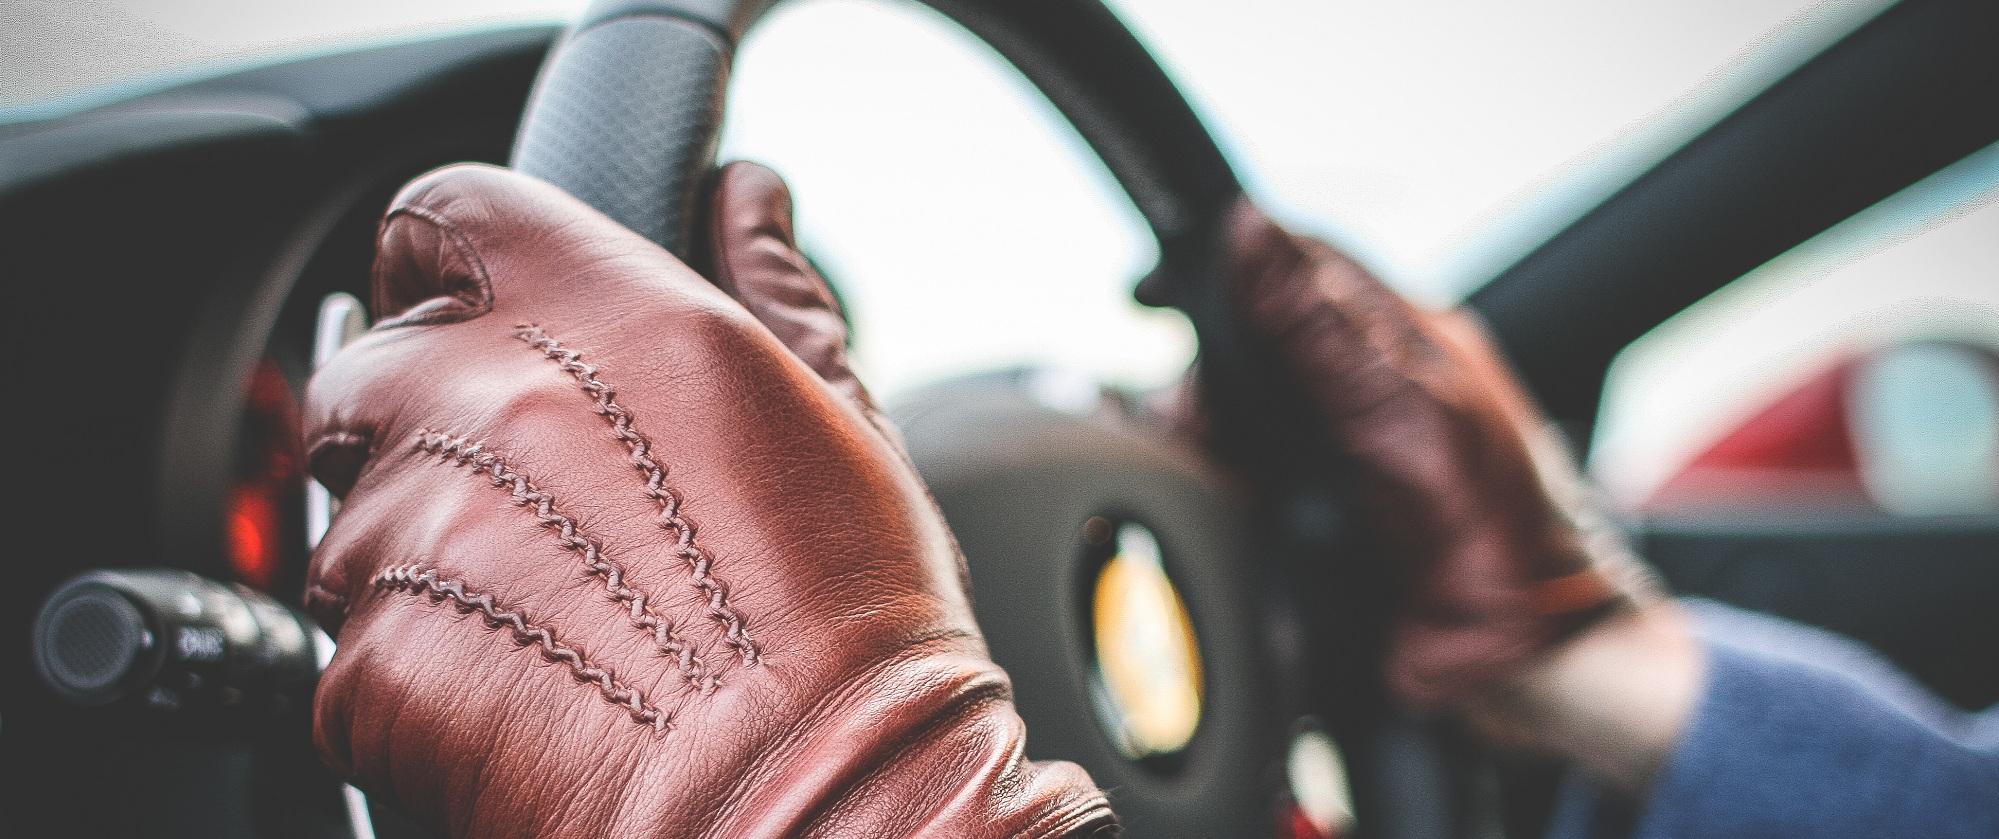 מבצע בדיקת ראייה לנהגים